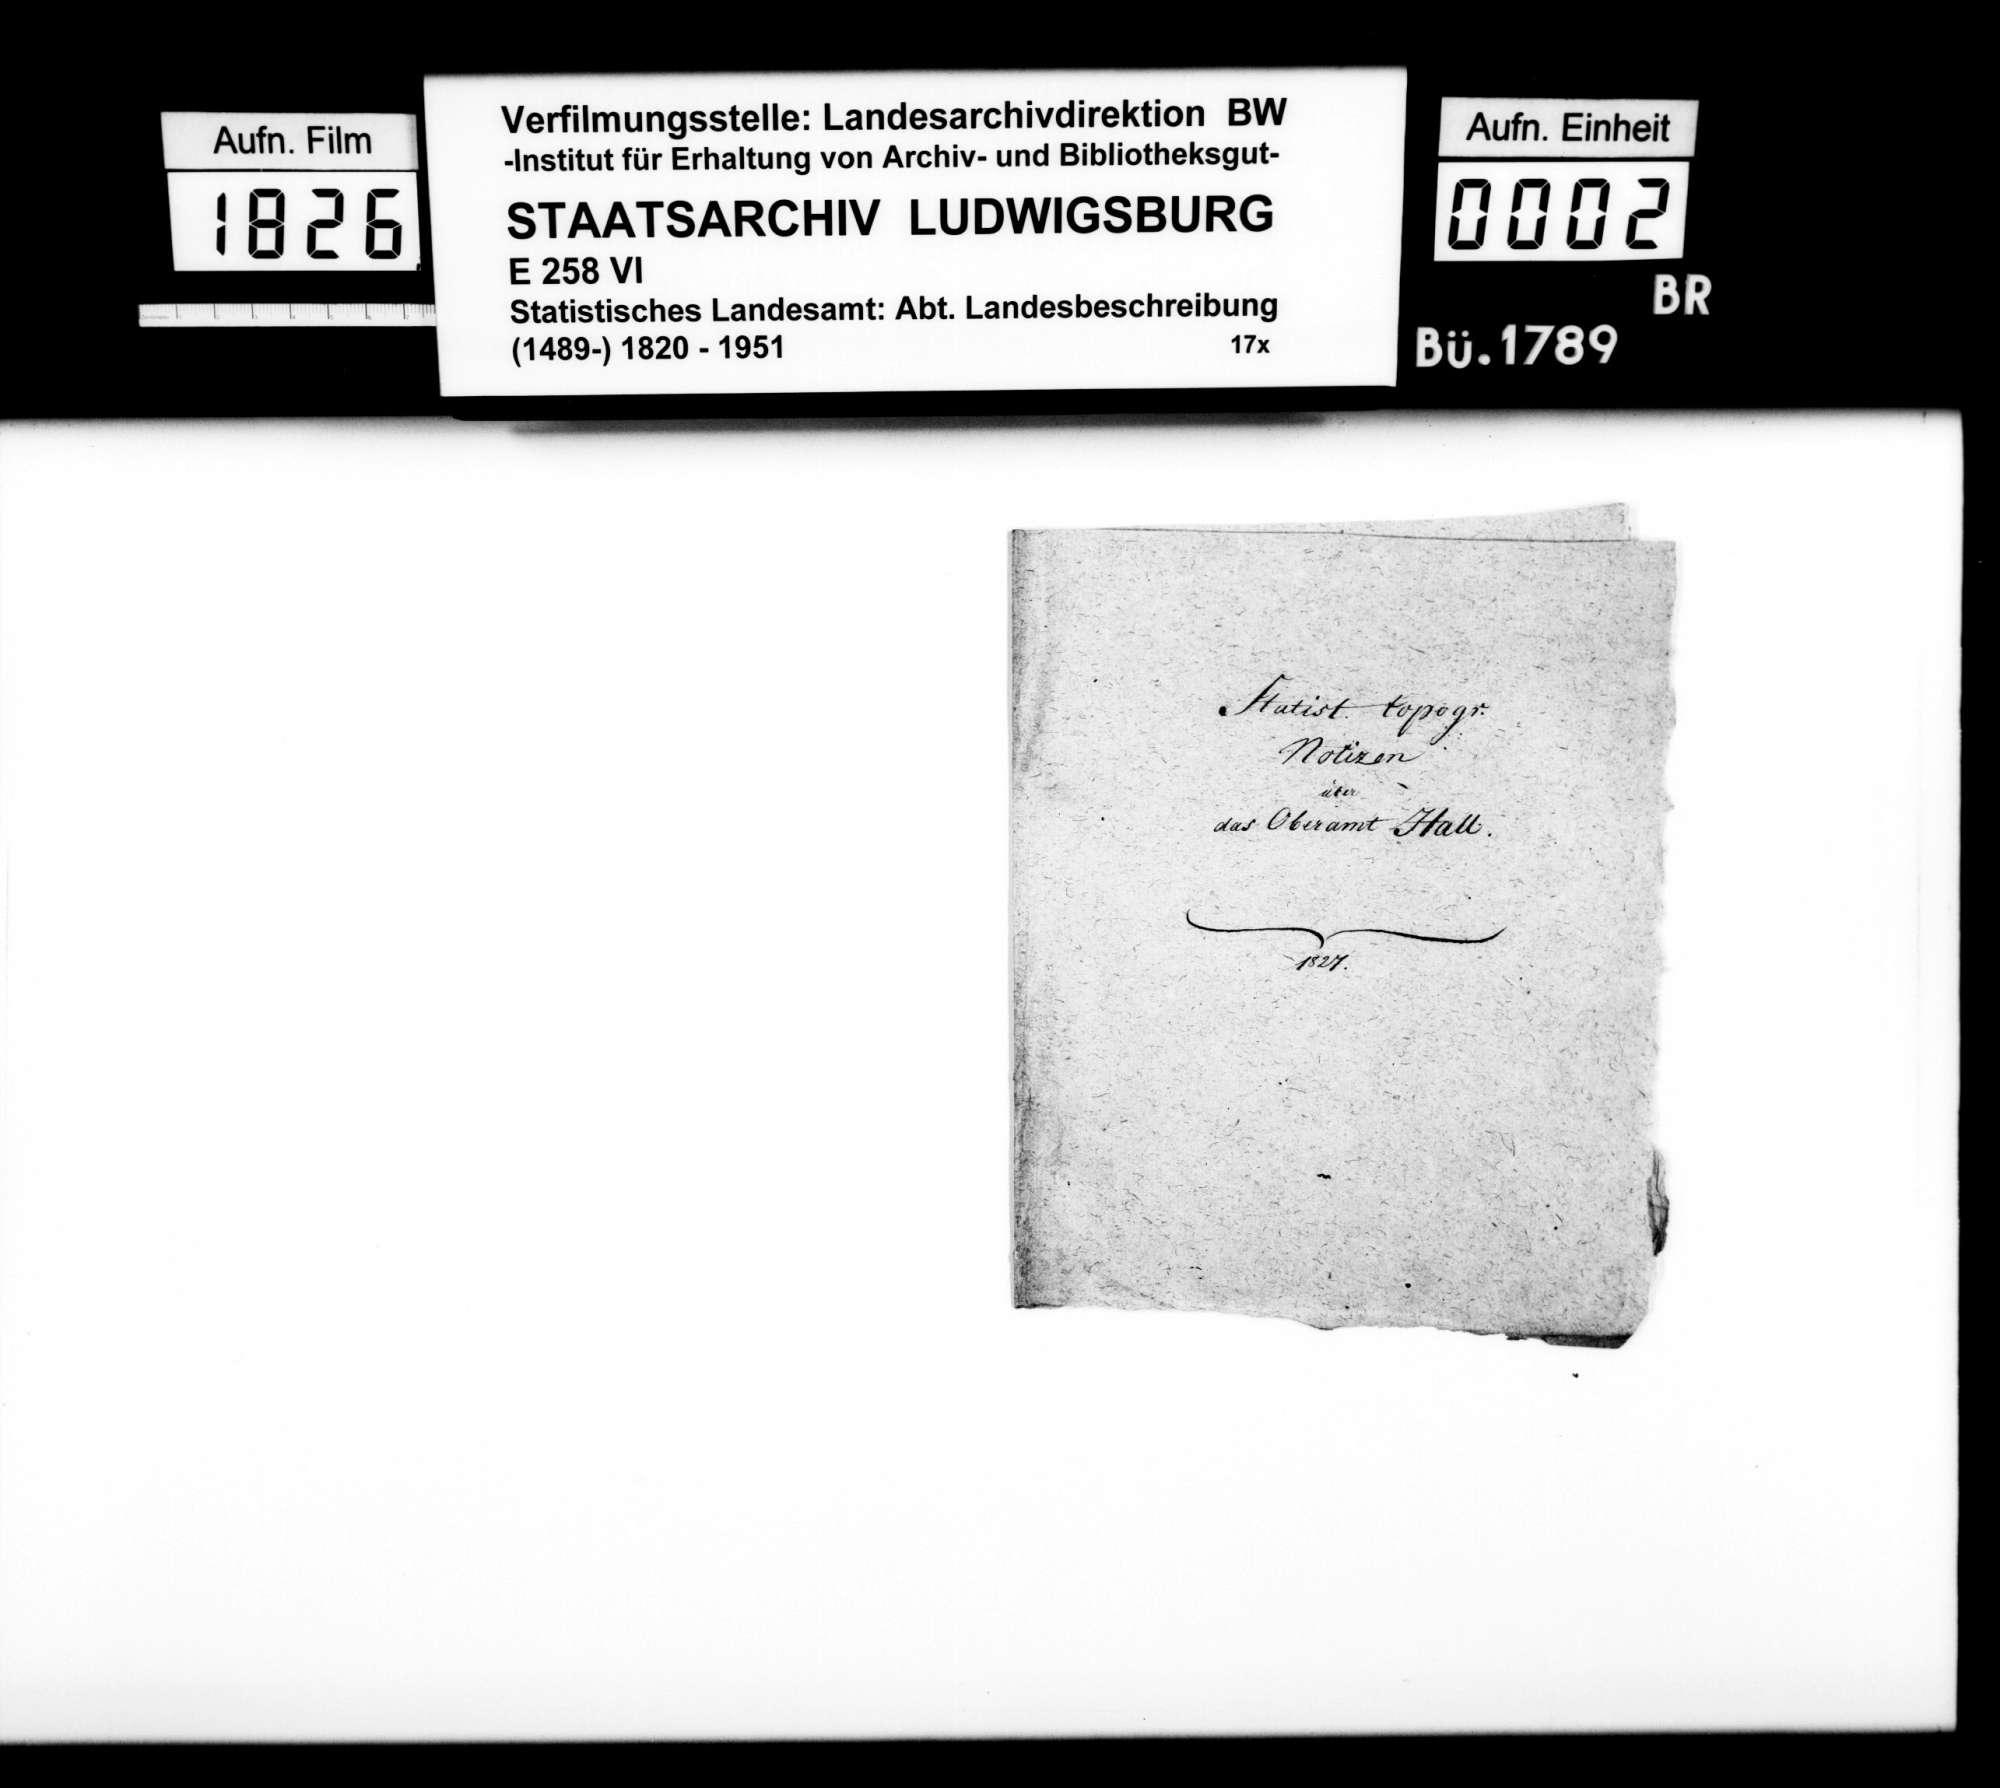 Statistisch-topographische Notizen [des Trigonometers Diezel] zur OAB, Bild 1